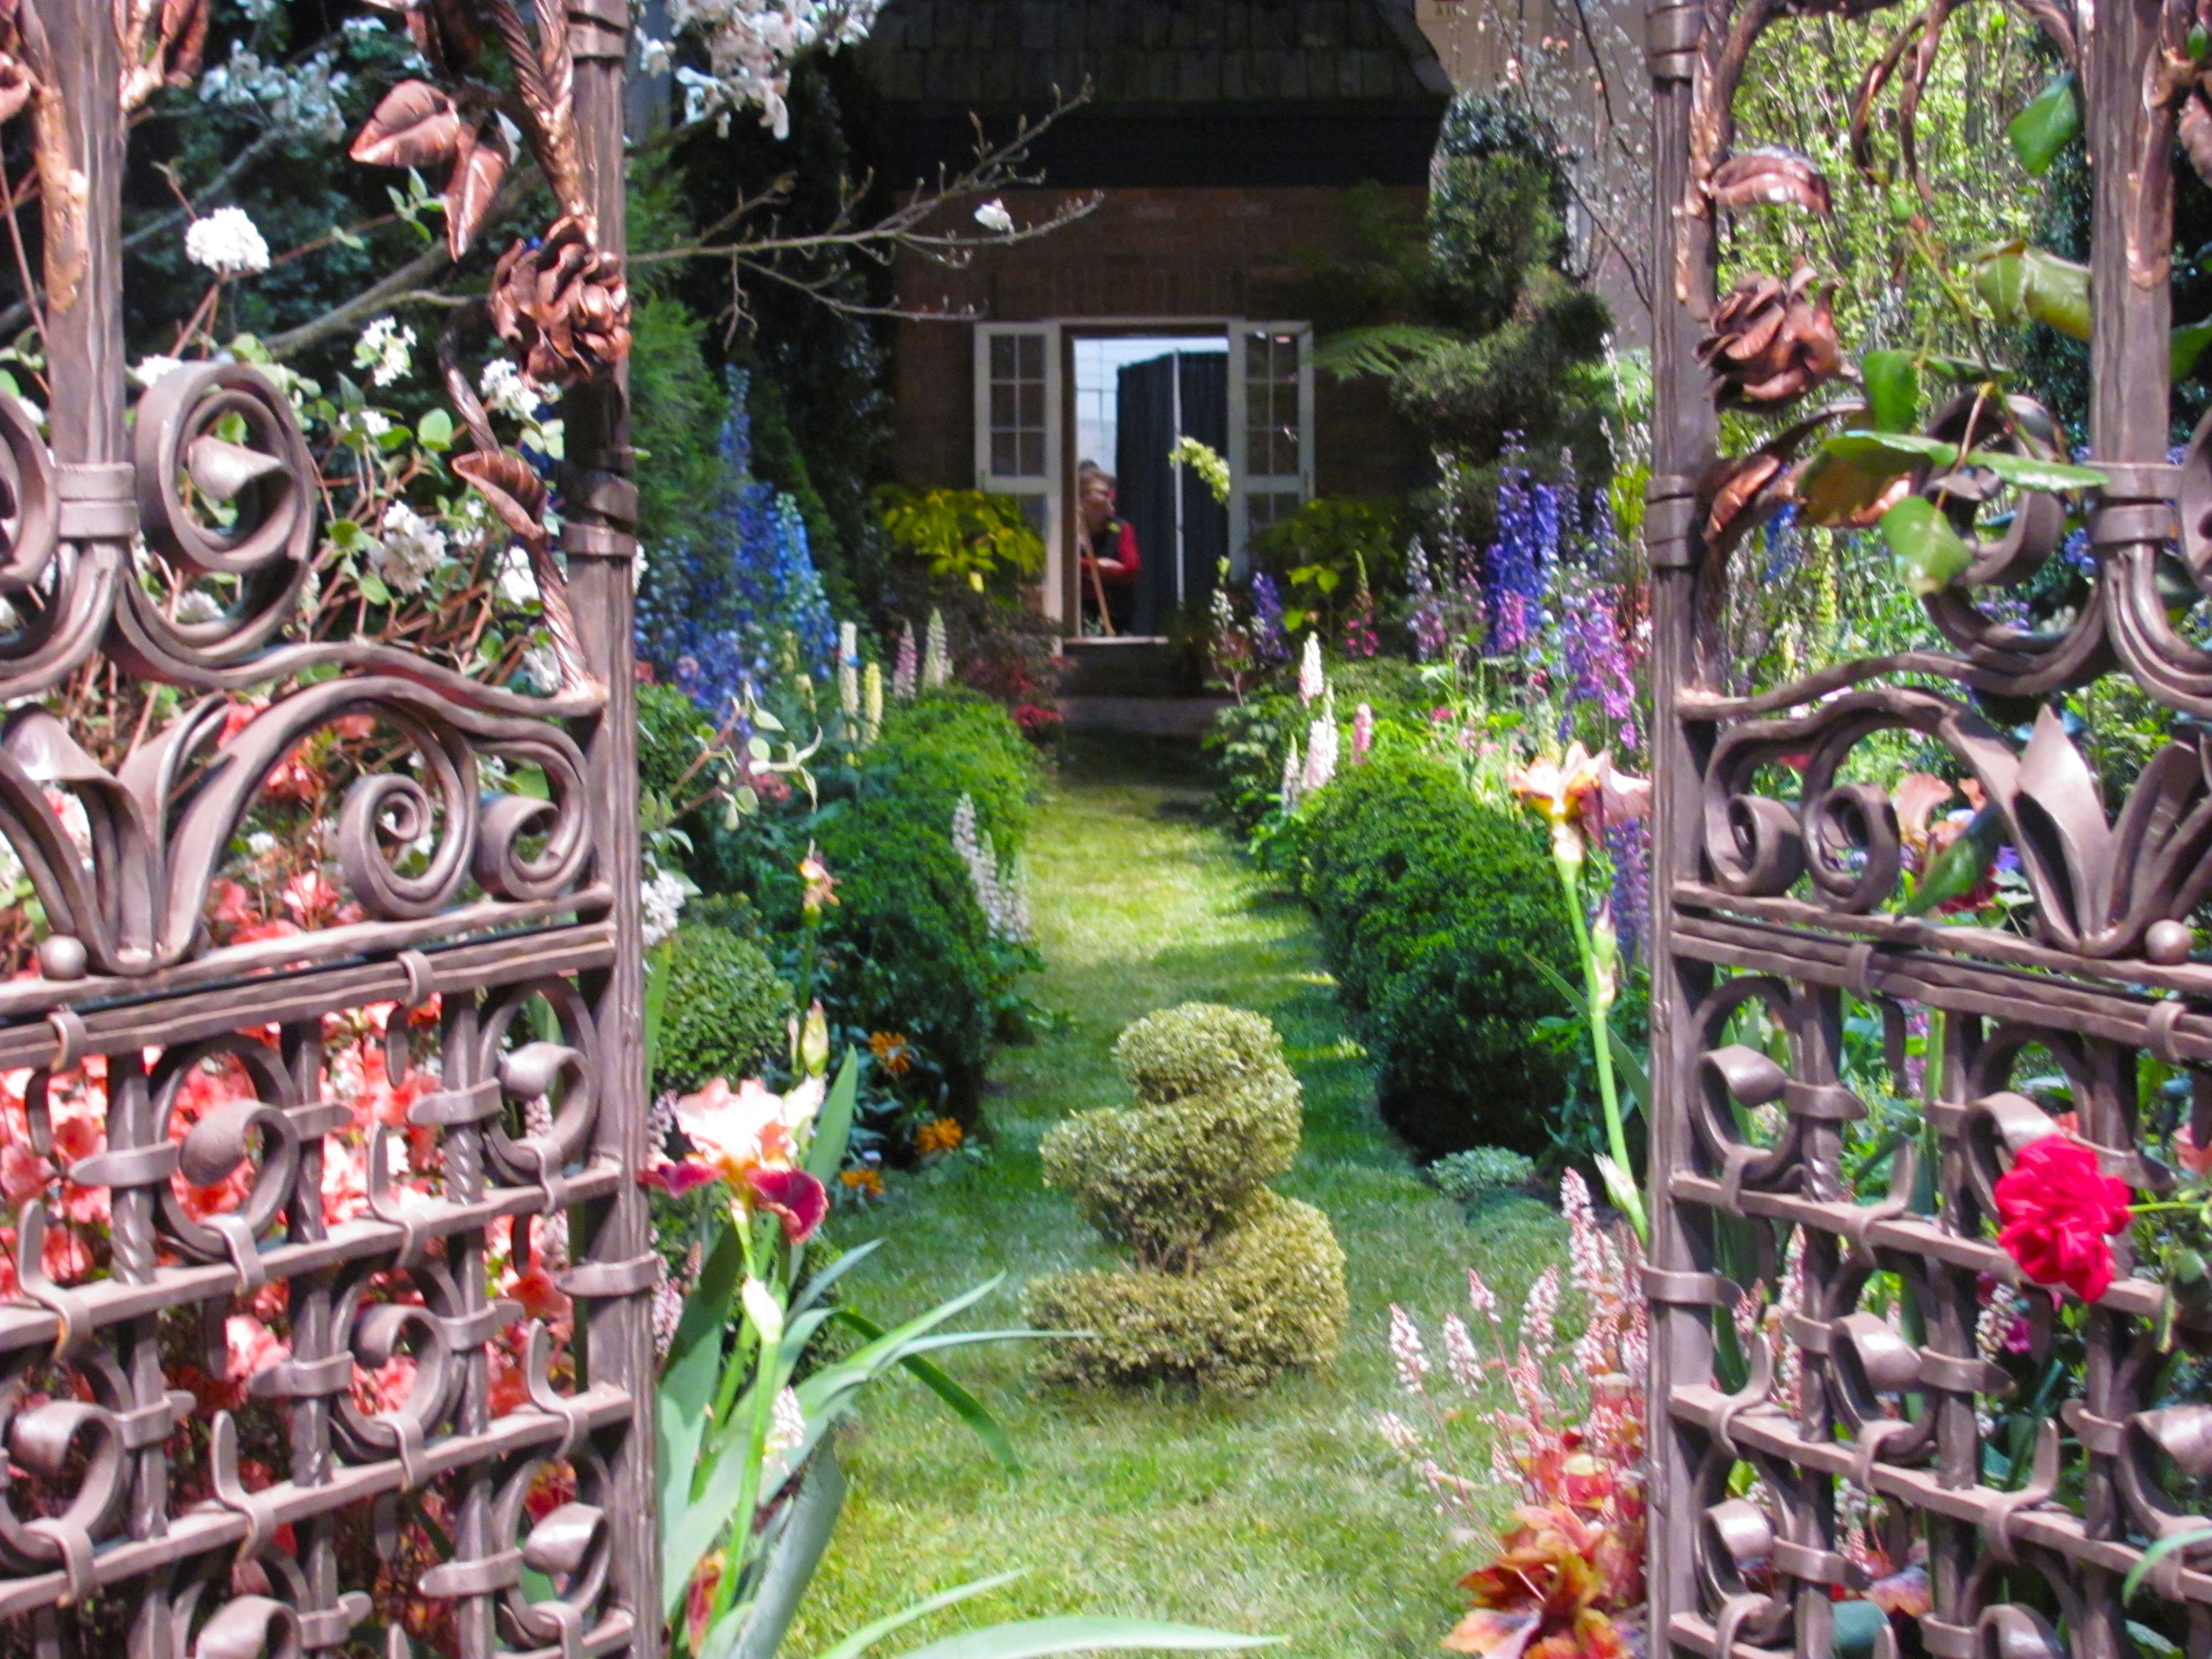 2013 Philadelphia Flower Show. Secret Garden. Where & When